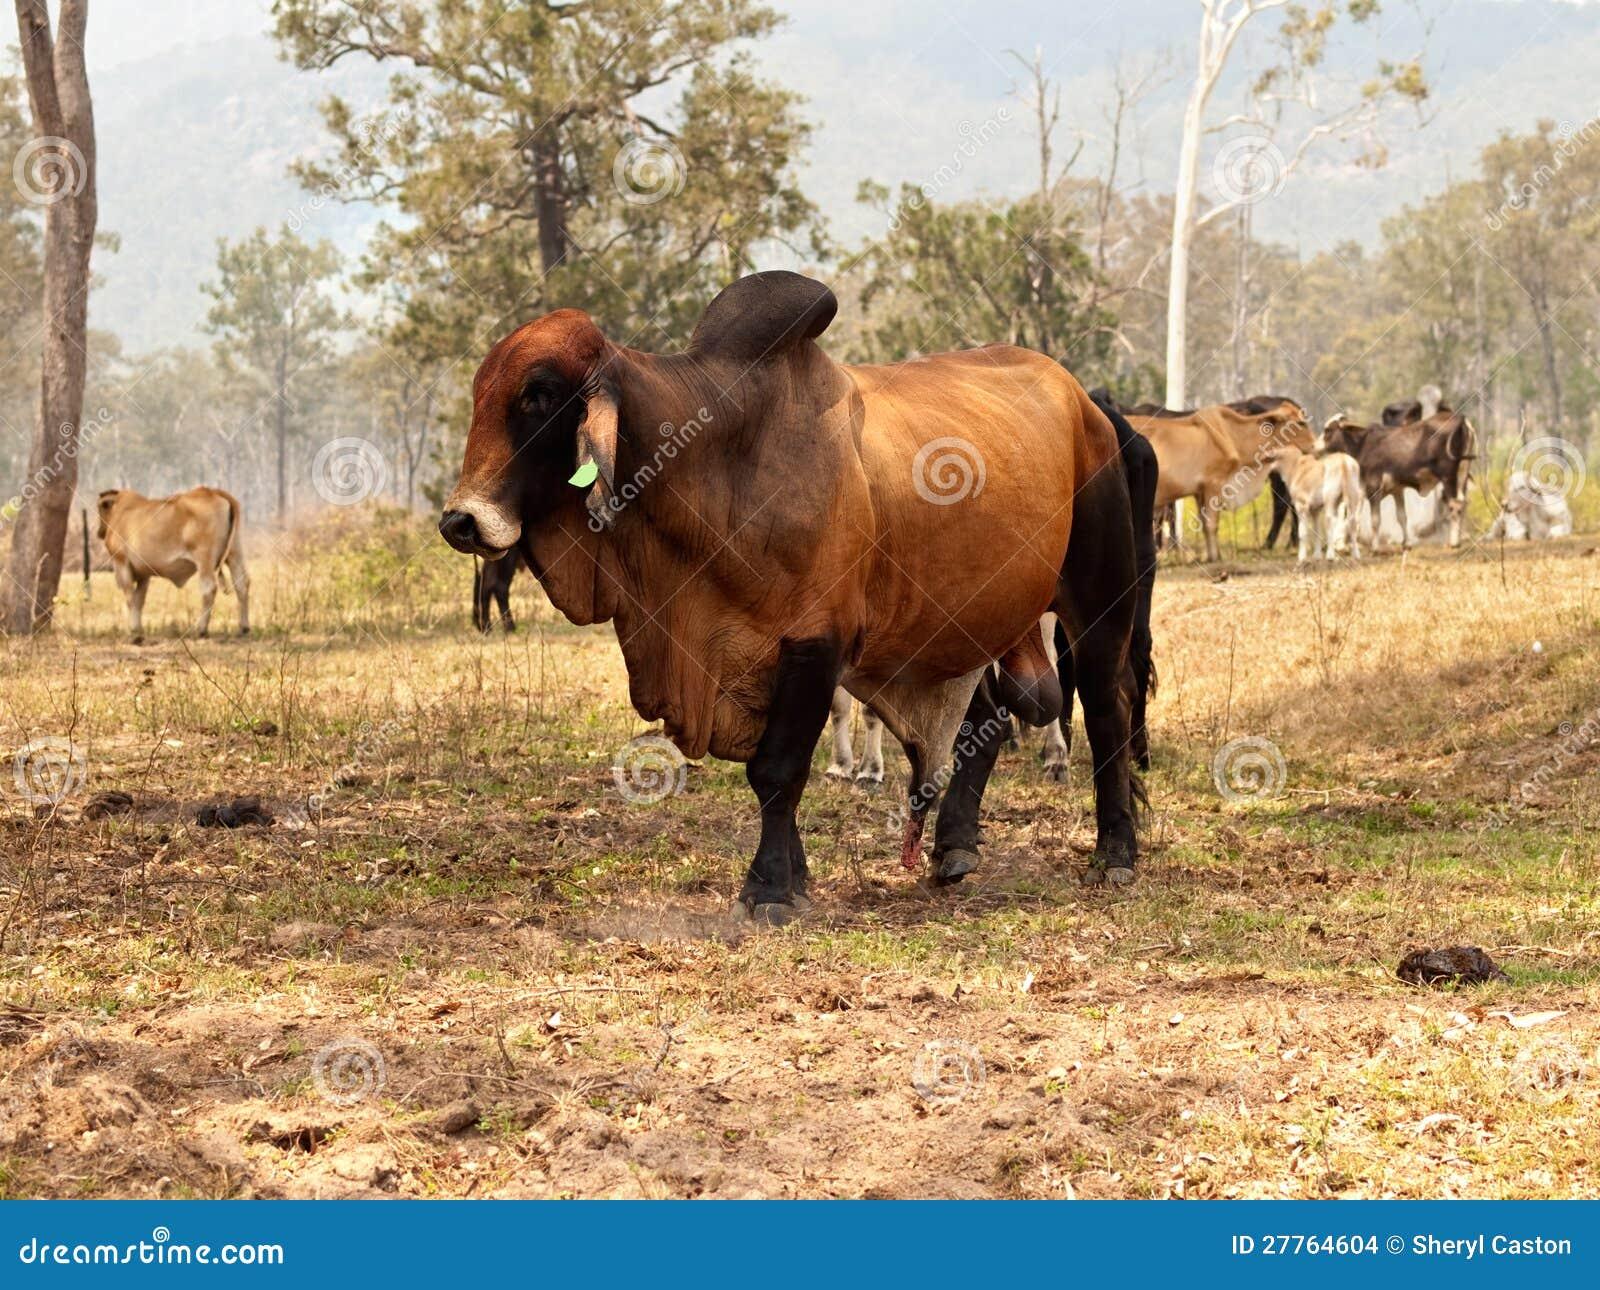 Big Dogs Red Deer